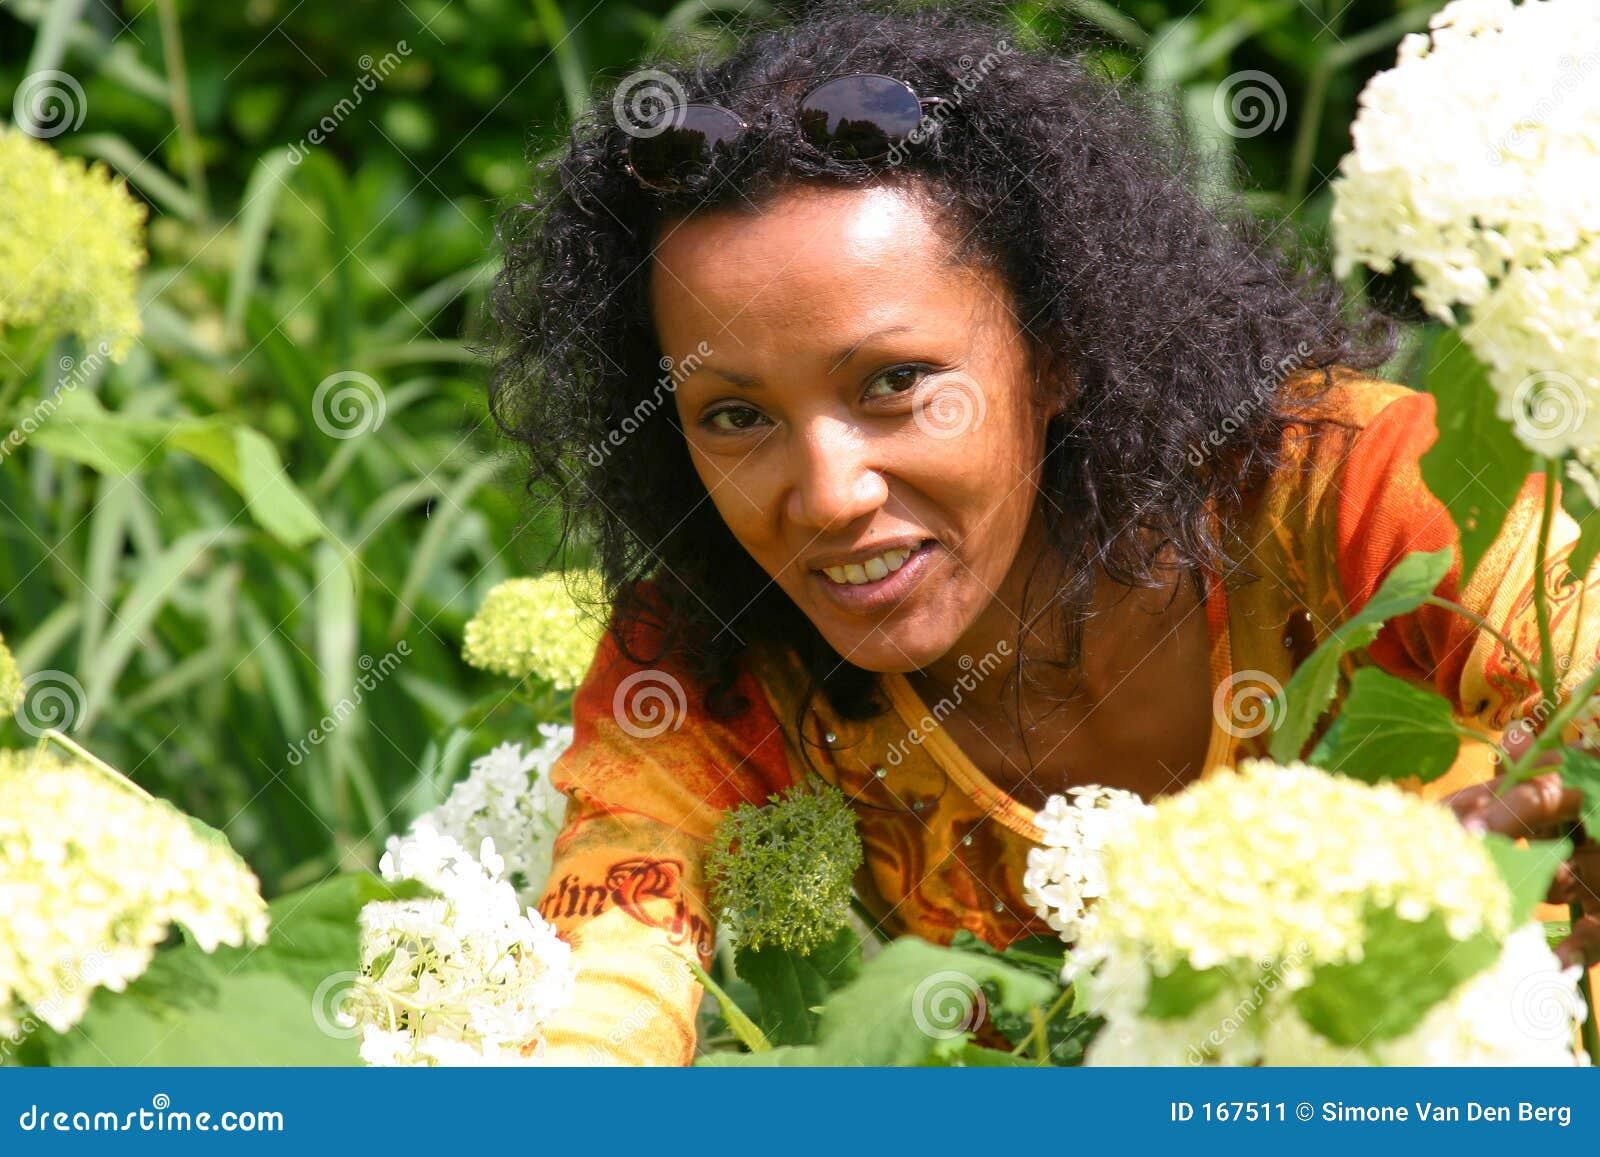 Beautiful woman picking flowers